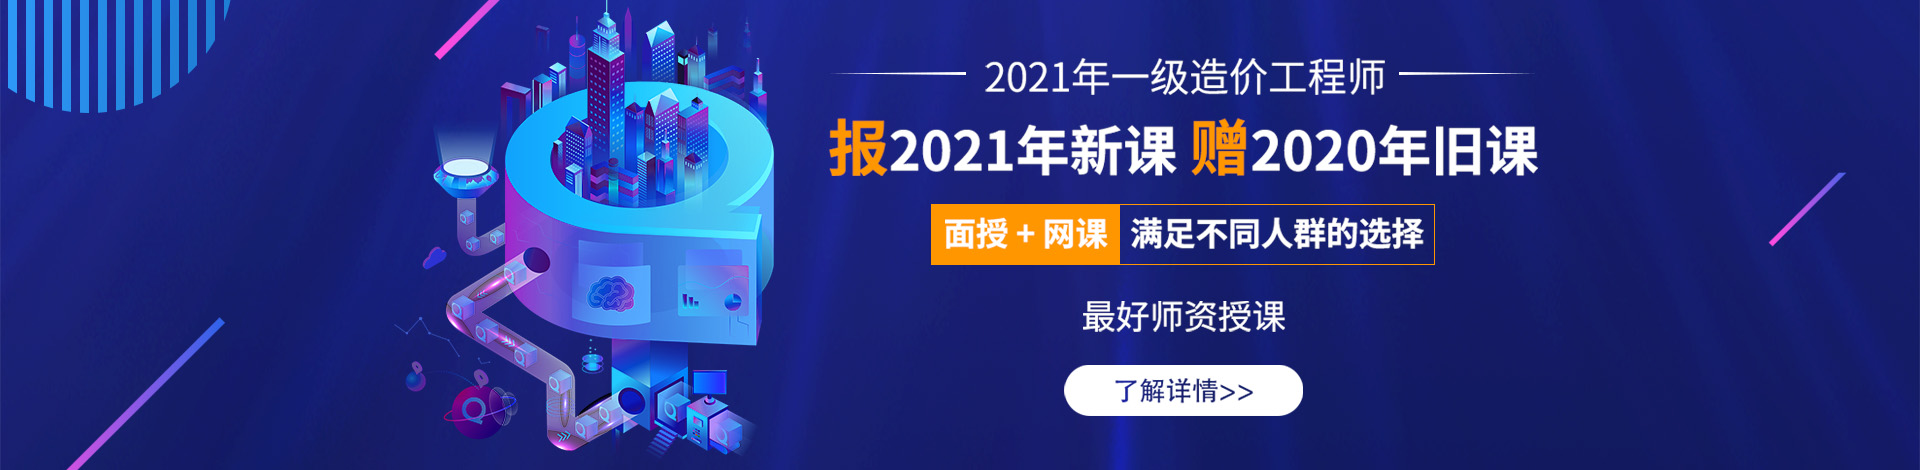 2021年银川一级造价工程师复习如何打好基本功